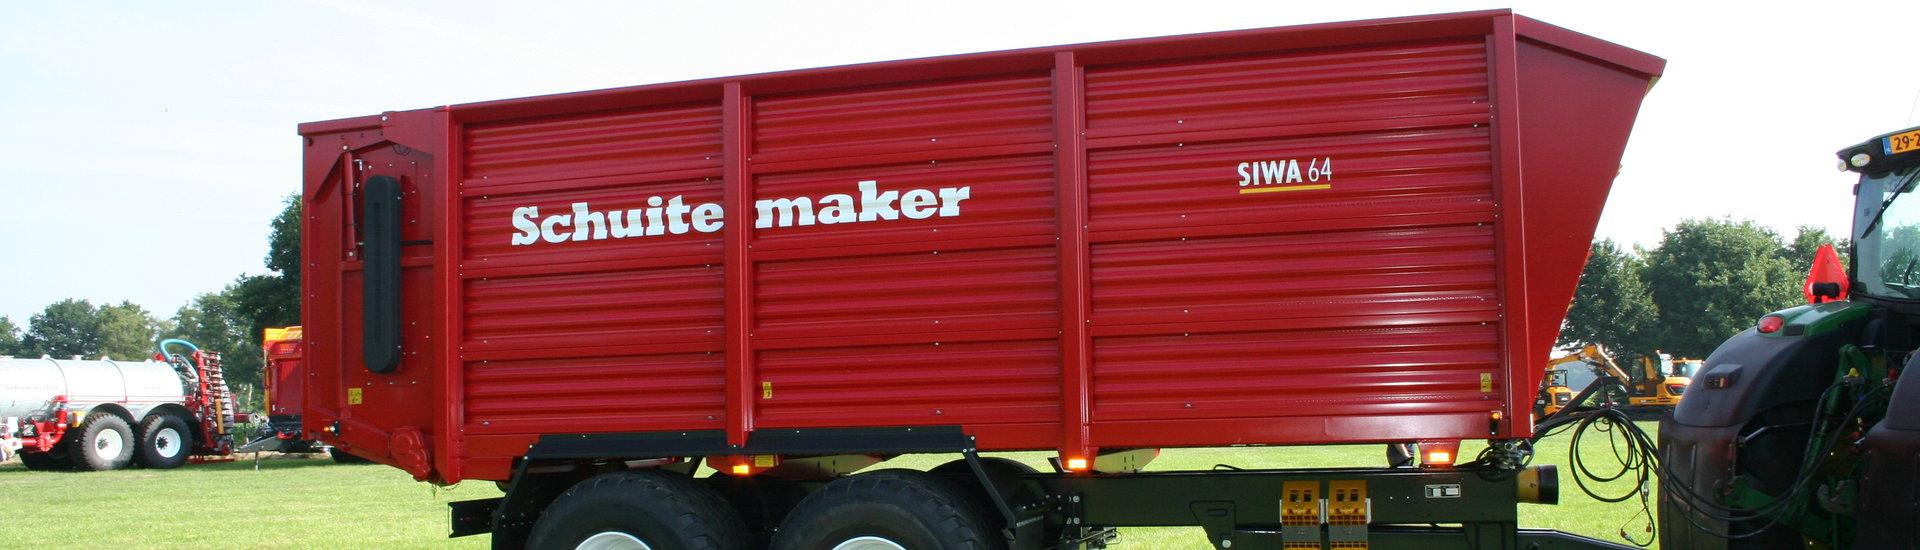 Schuitemaker Häckseltransportwagen